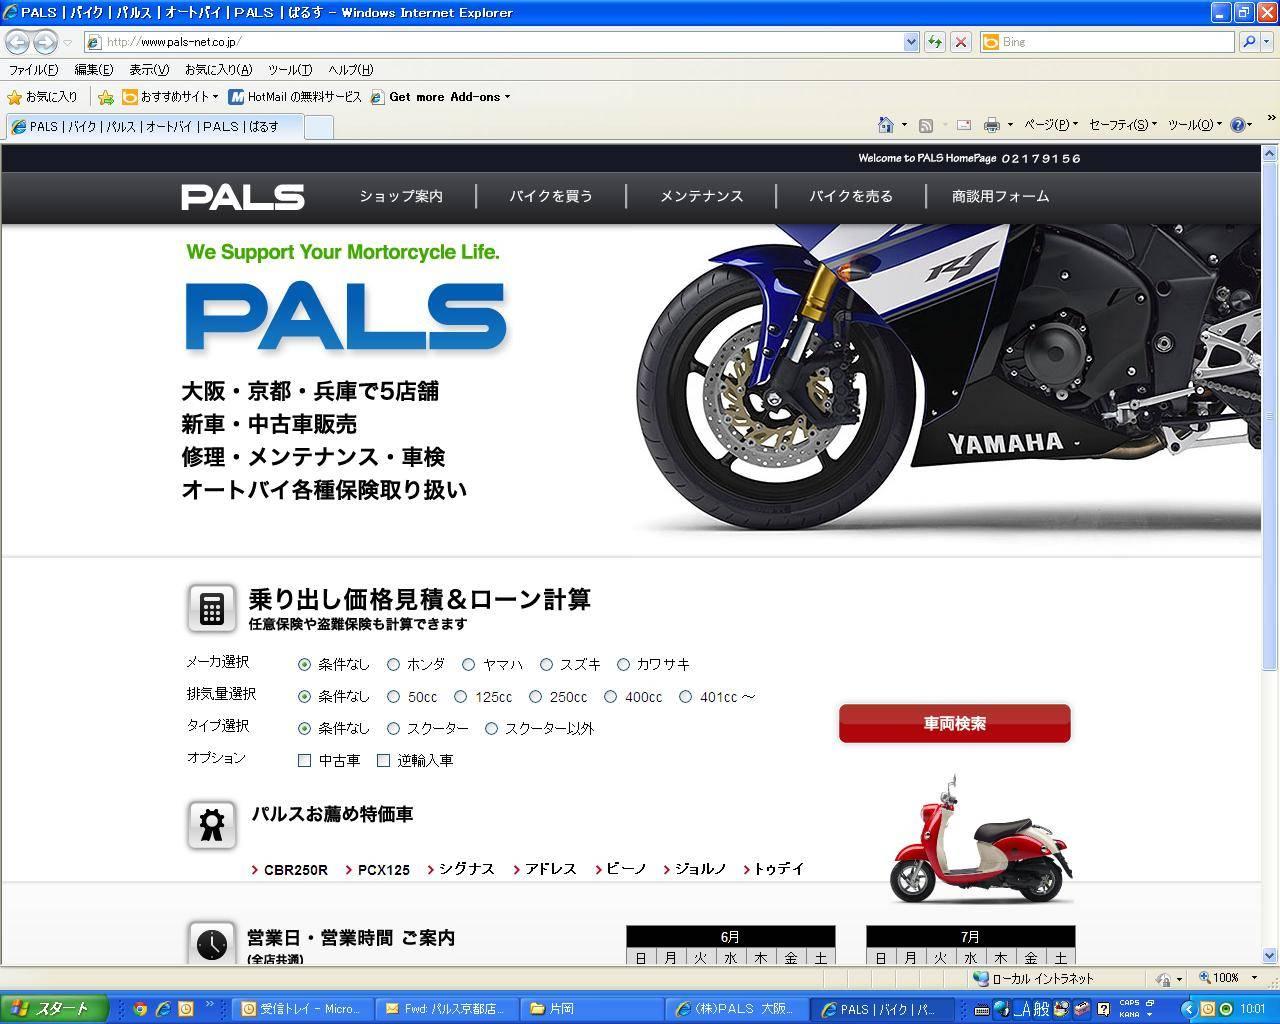 (株)PALS 西宮店